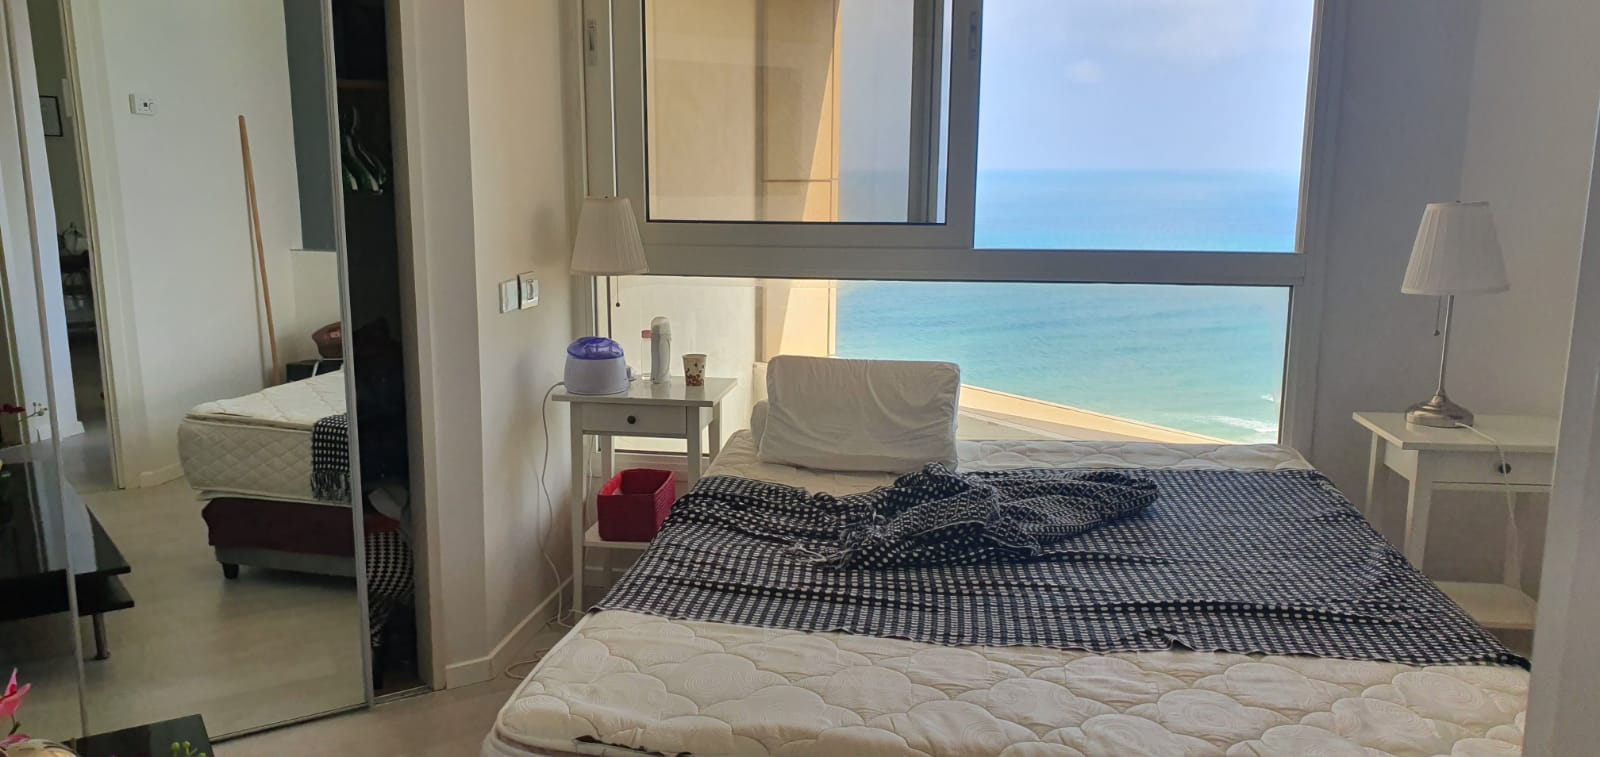 בת ים מלון לאונרדו למכירה 2 חדרים 1,730,000₪, בת ים